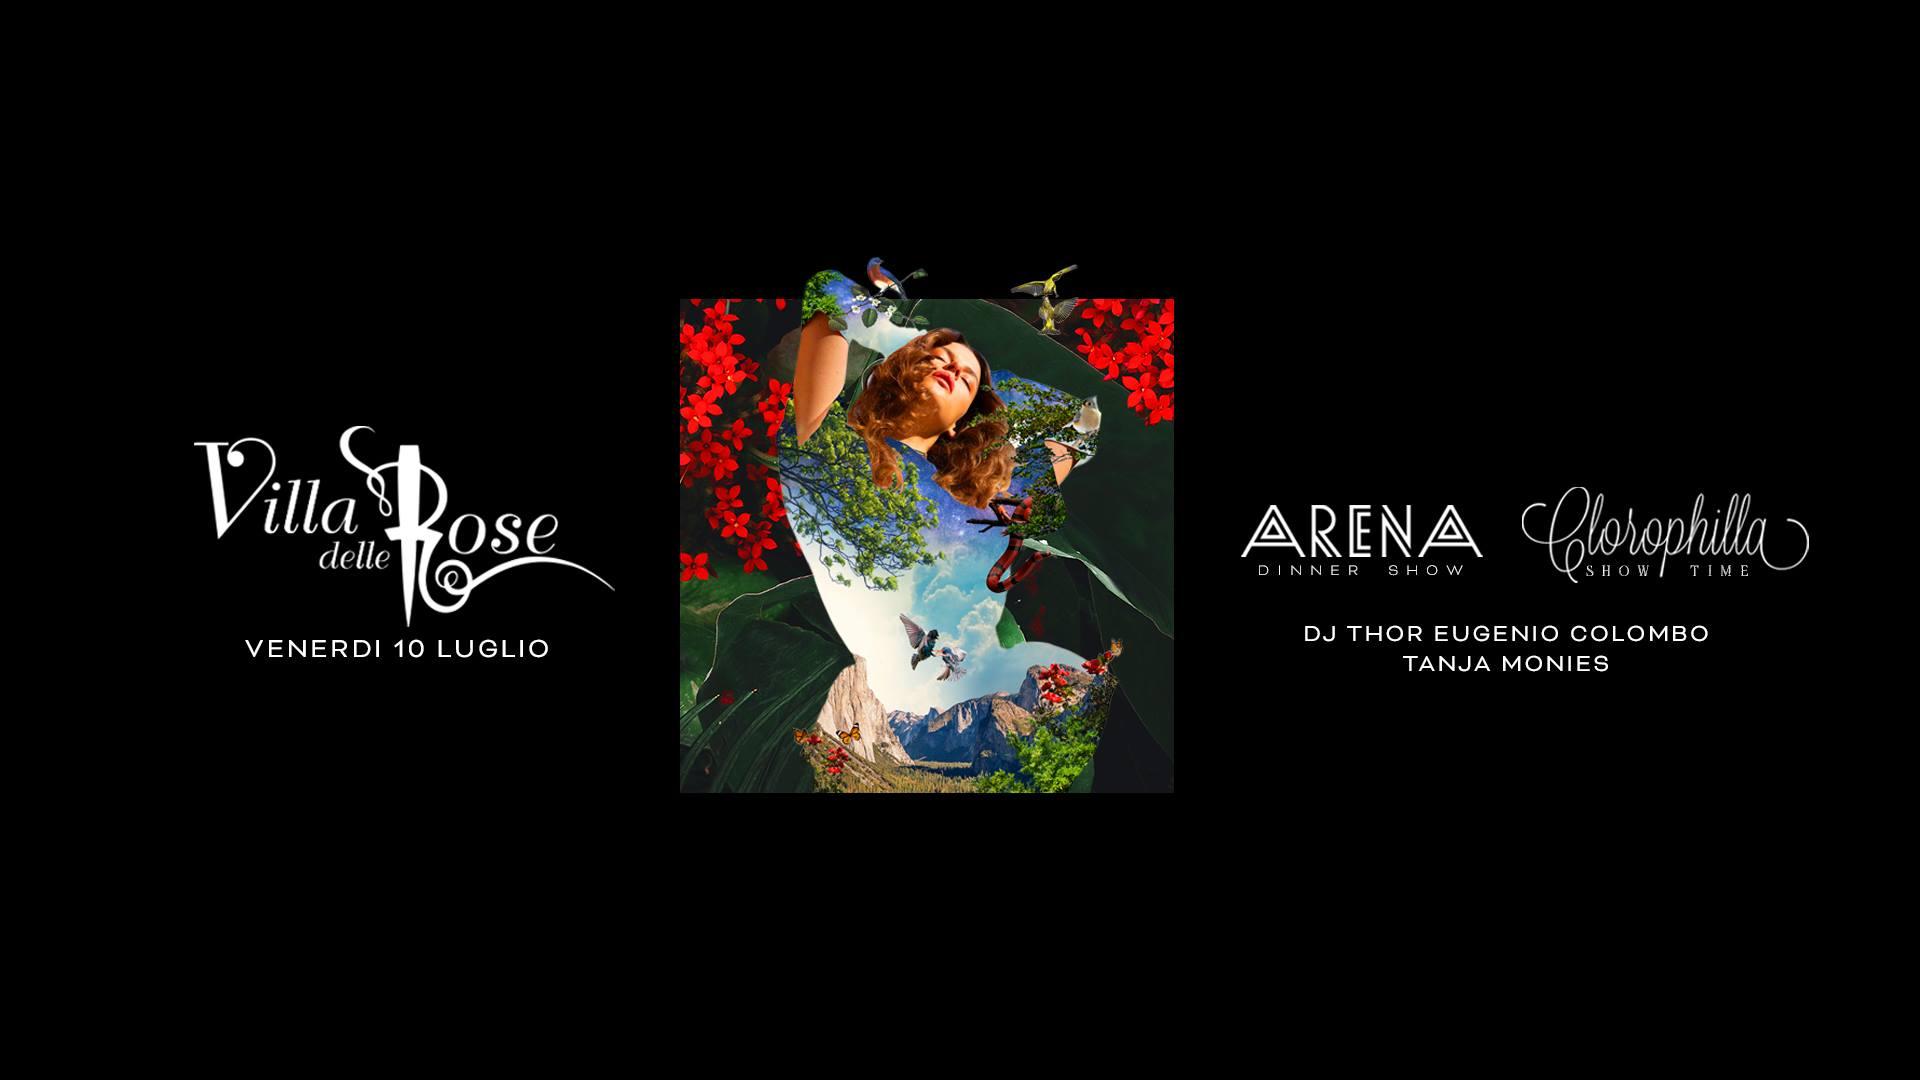 clorophilla villa delle rose Venerdì 10 Luglio